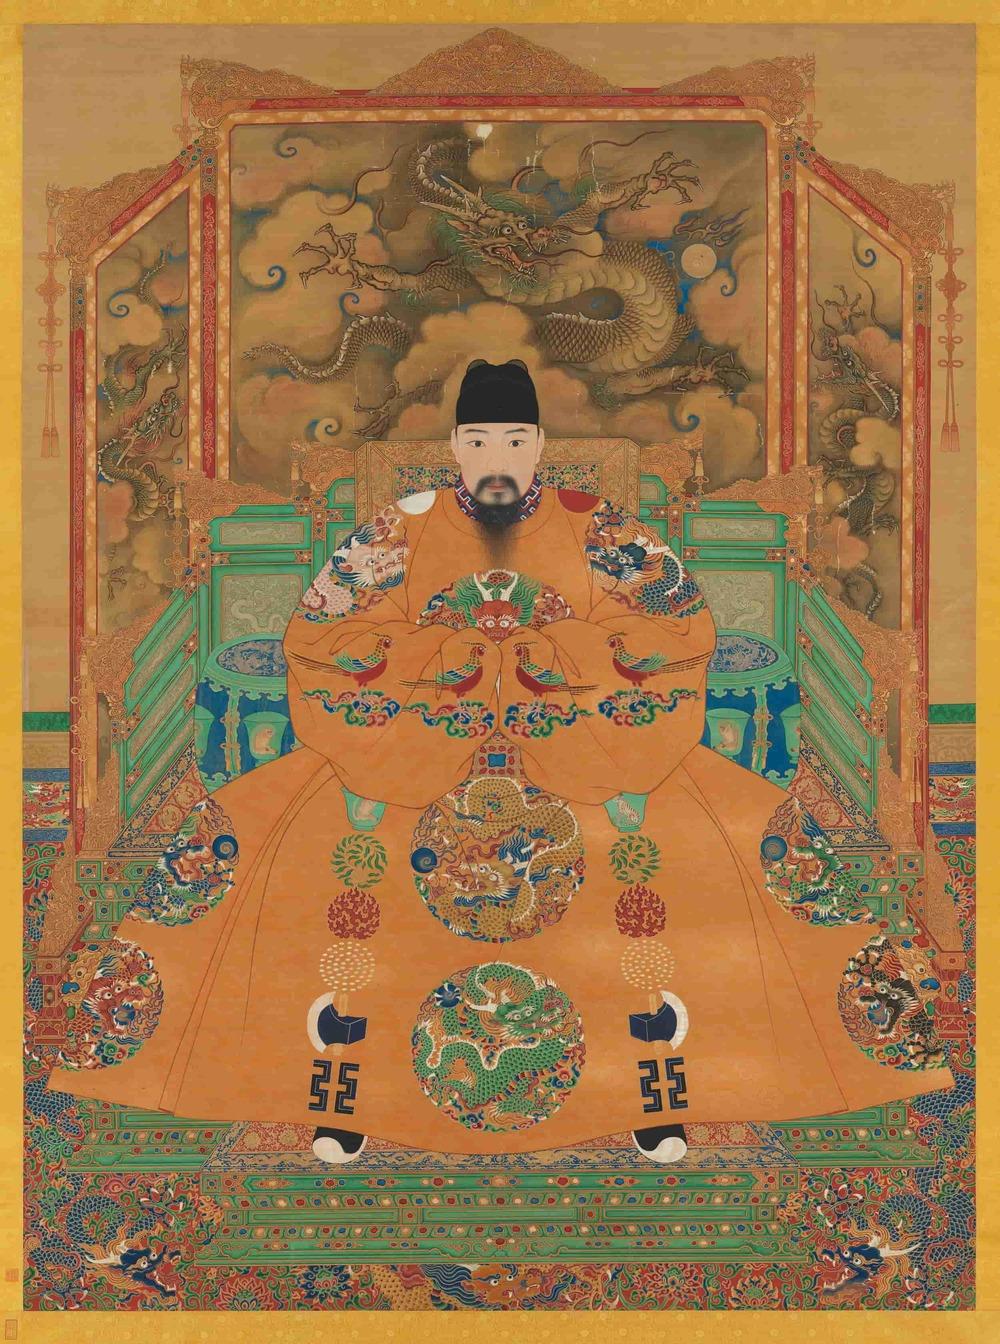 Minh Hiếu Tông hoàng đế nổi tiếng là một vị minh quân, một người chồng tốt trong sử sách Trung Quốc. (Ảnh minh họa: Sina)